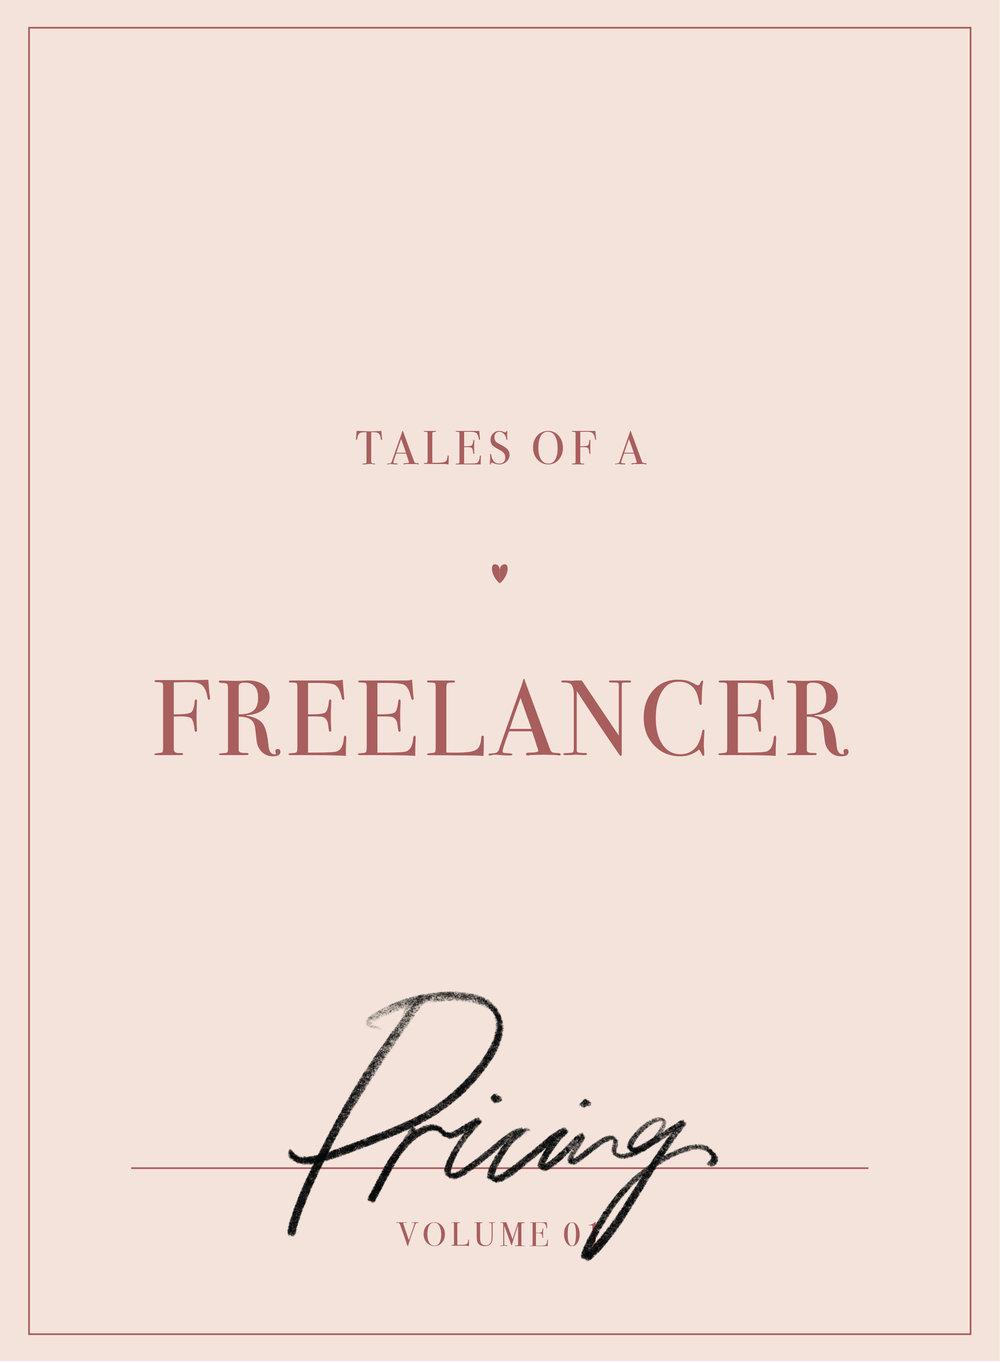 TalesofAFreelancer_Pricing.jpg